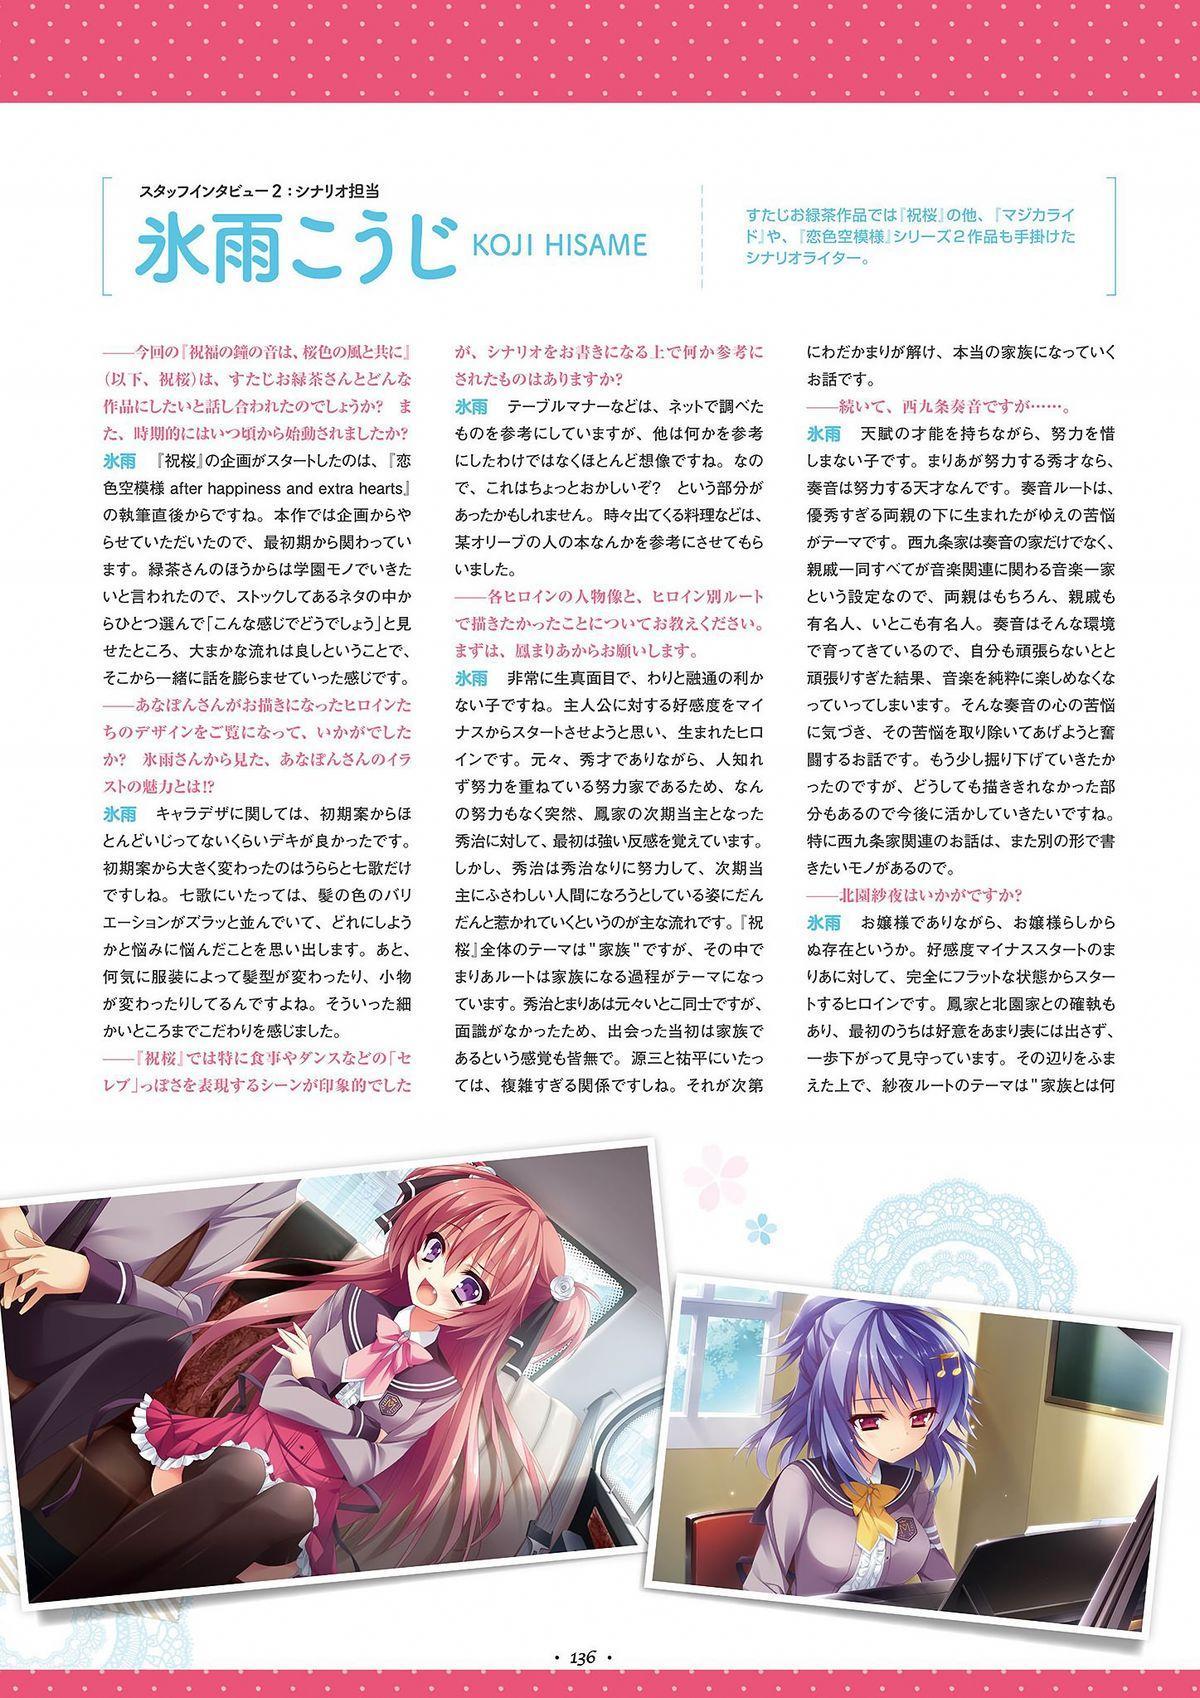 Shukufuku no Kane no Oto wa, Sakura-iro no Kaze to Tomo ni Visual Fanbook 133